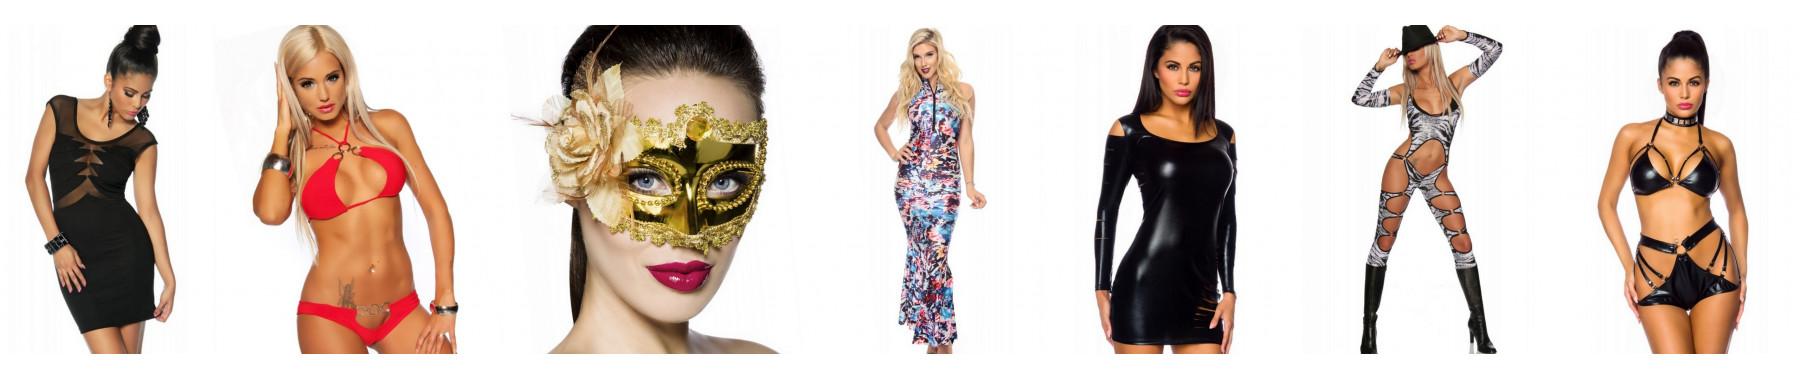 Clubwear, dance and gogo wear